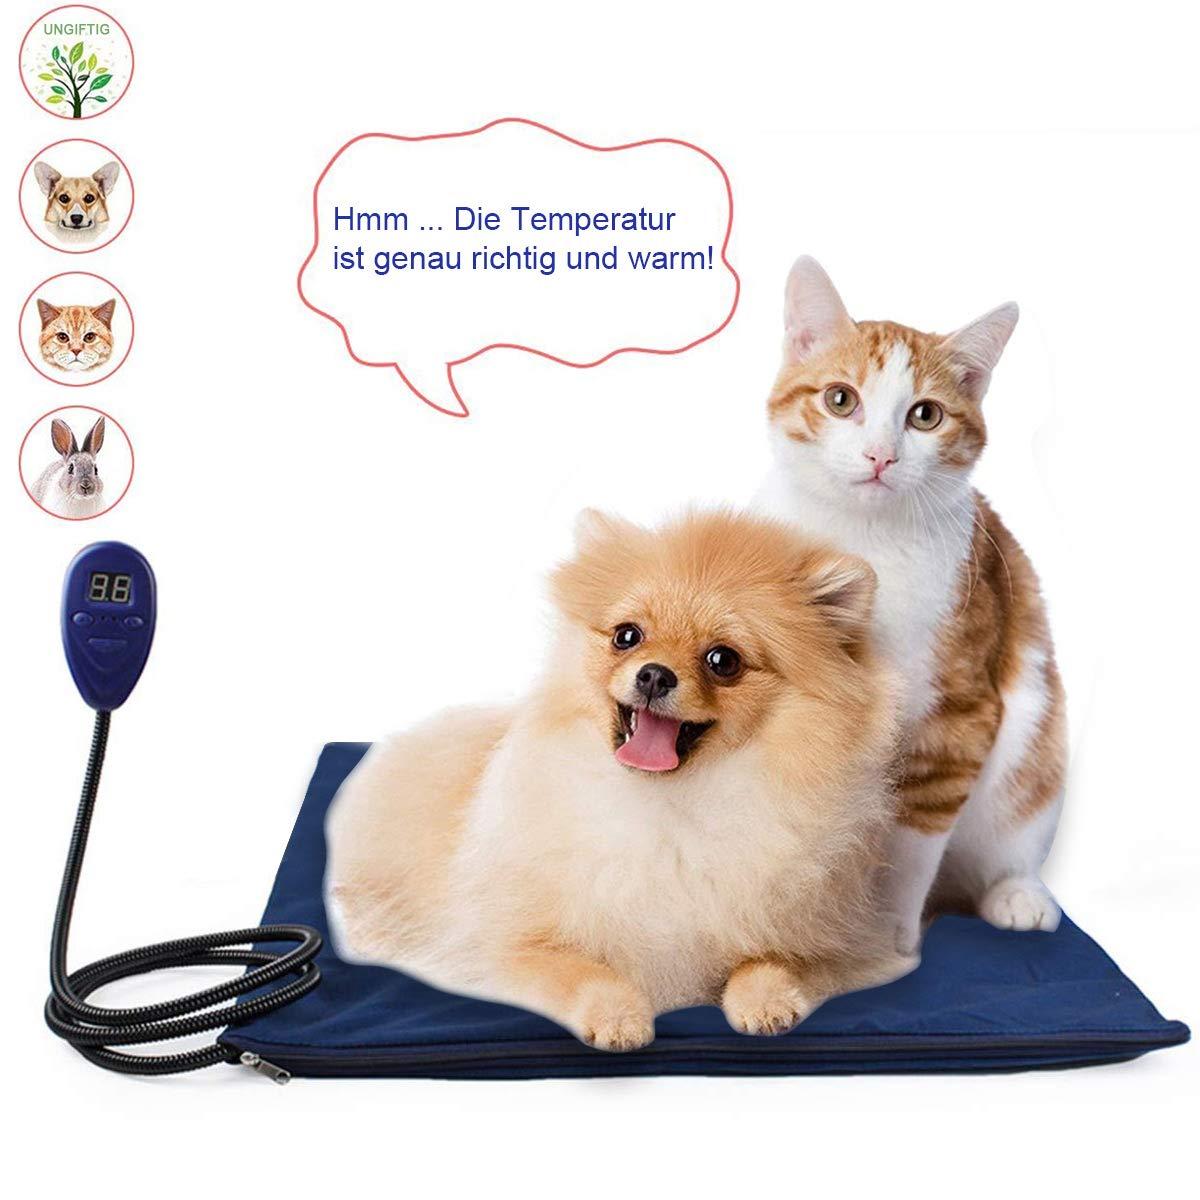 KOBWA Heizmatte Hund Katze Haustier, Heizdecke Heizkissen Wasserdichte Wärmematte Beheizte Heizplatte 7 Temperatur Einstellbar zwischen 25℃-55℃ mit Anti-Bite Schnur für Hunde und Katzen, 50x50cm